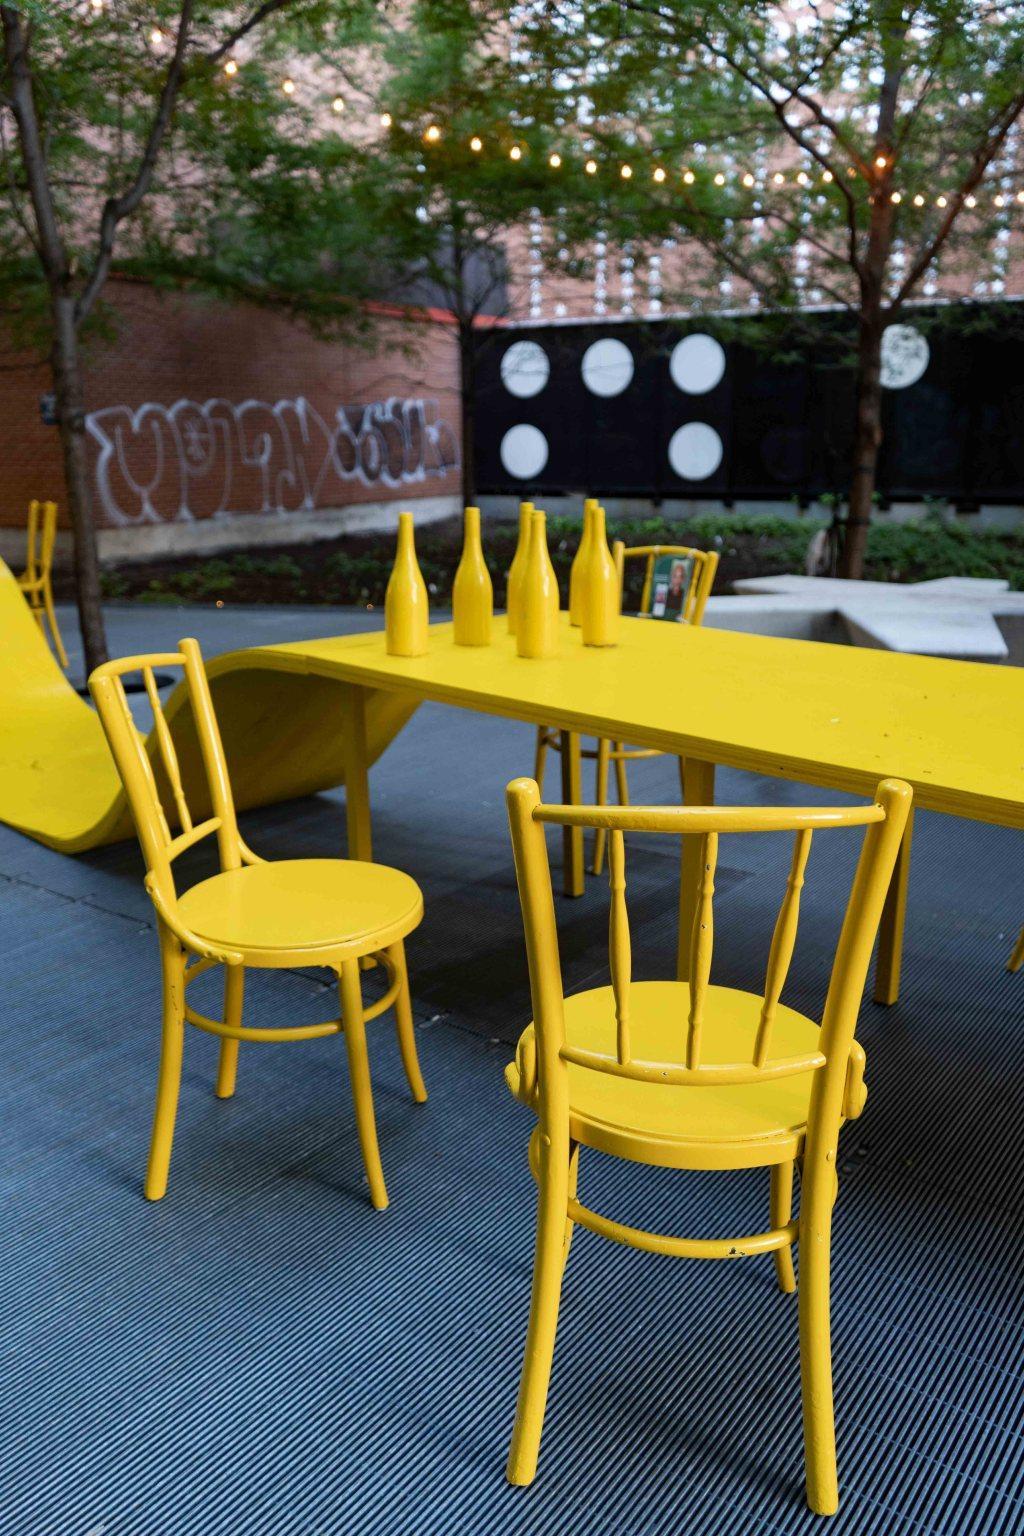 Deux chaises jaunes dans l'espace urbain Prenez place!